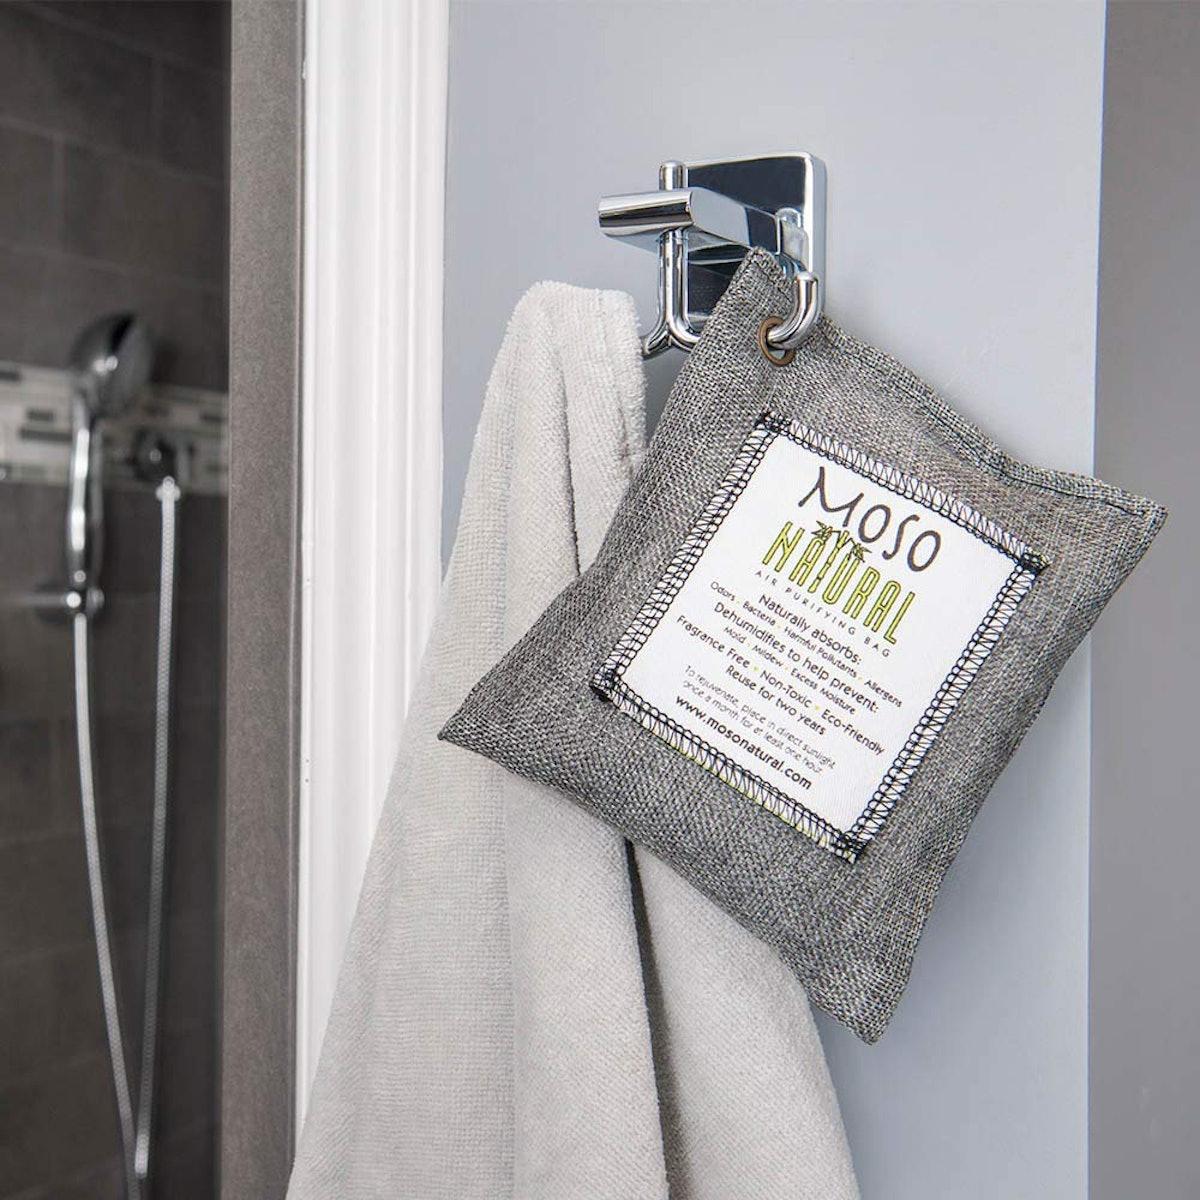 MOSO NATURAL Deodorizer Bag